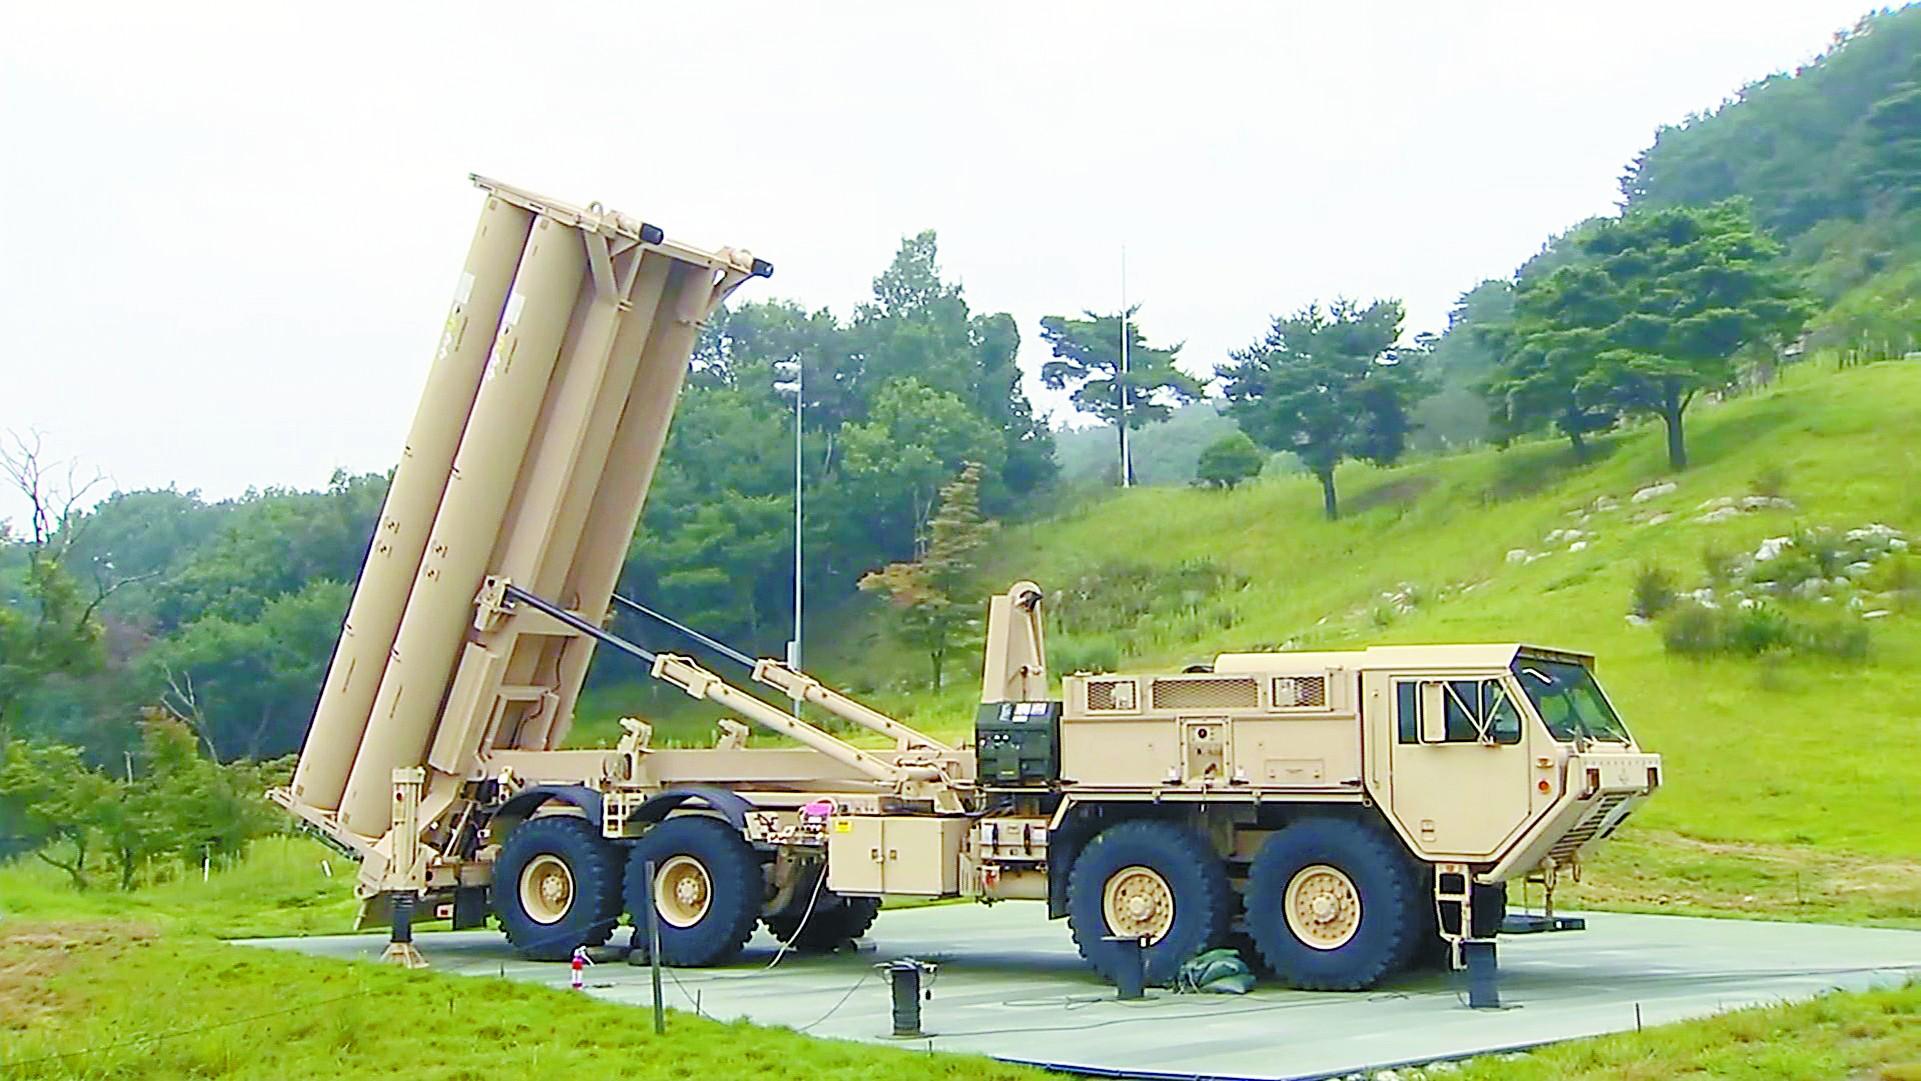 美韩补齐萨德威胁有多大?可探测华北导弹发射